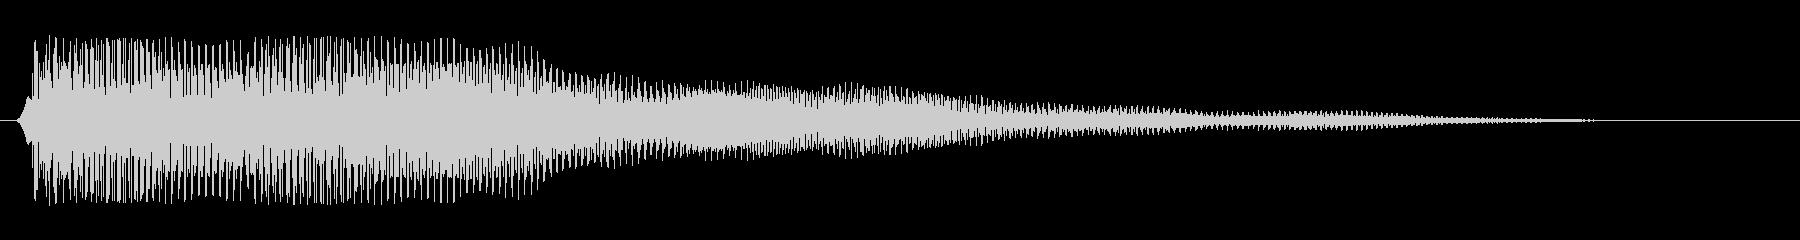 ビョ〜ン、ビョビョ〜ン(コミカル効果音)の未再生の波形